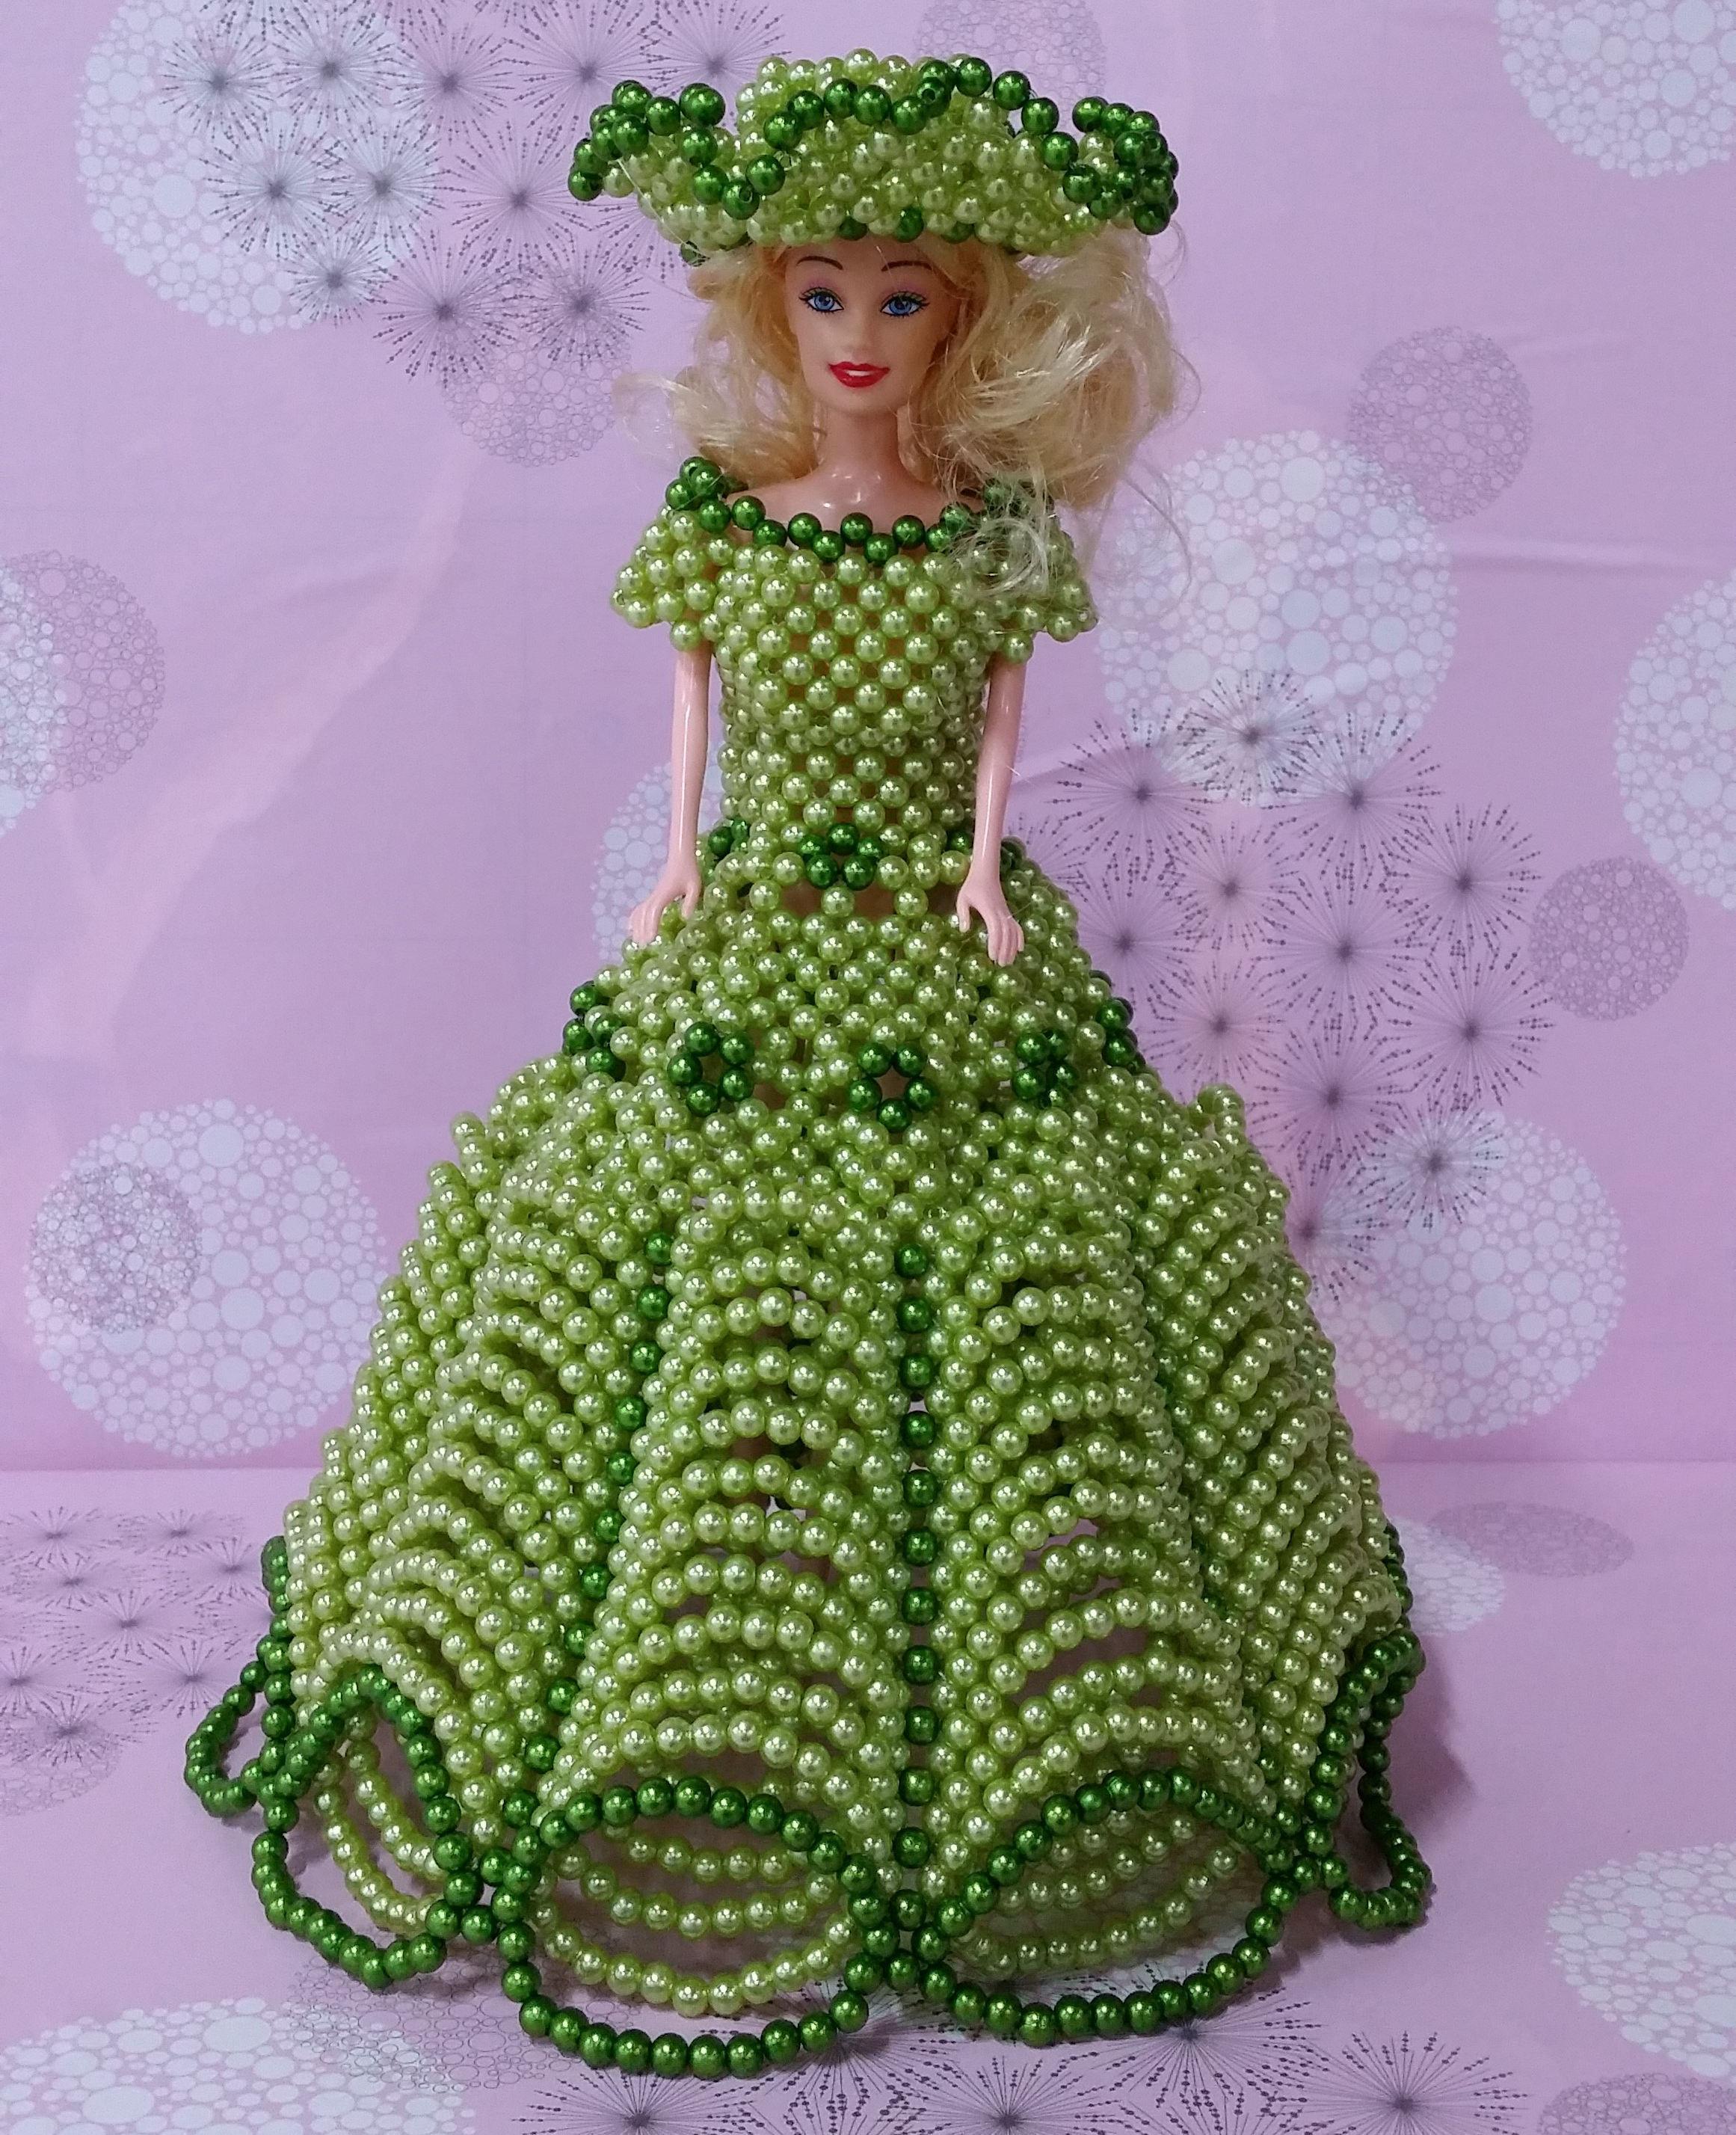 Girl Toys Barbie Dolls